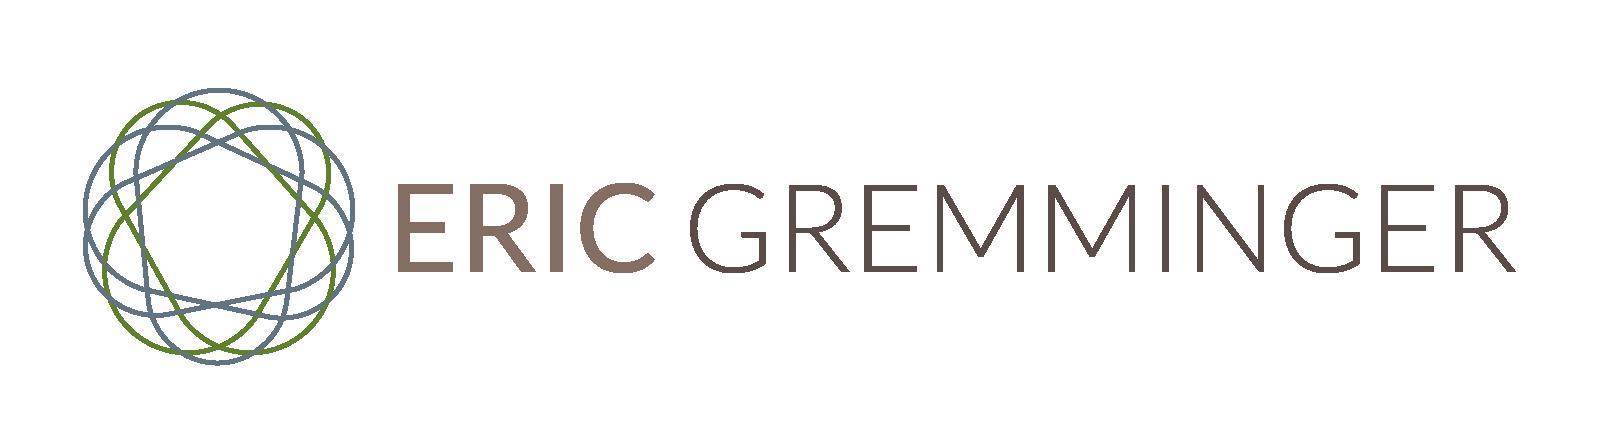 Eric Gremminger